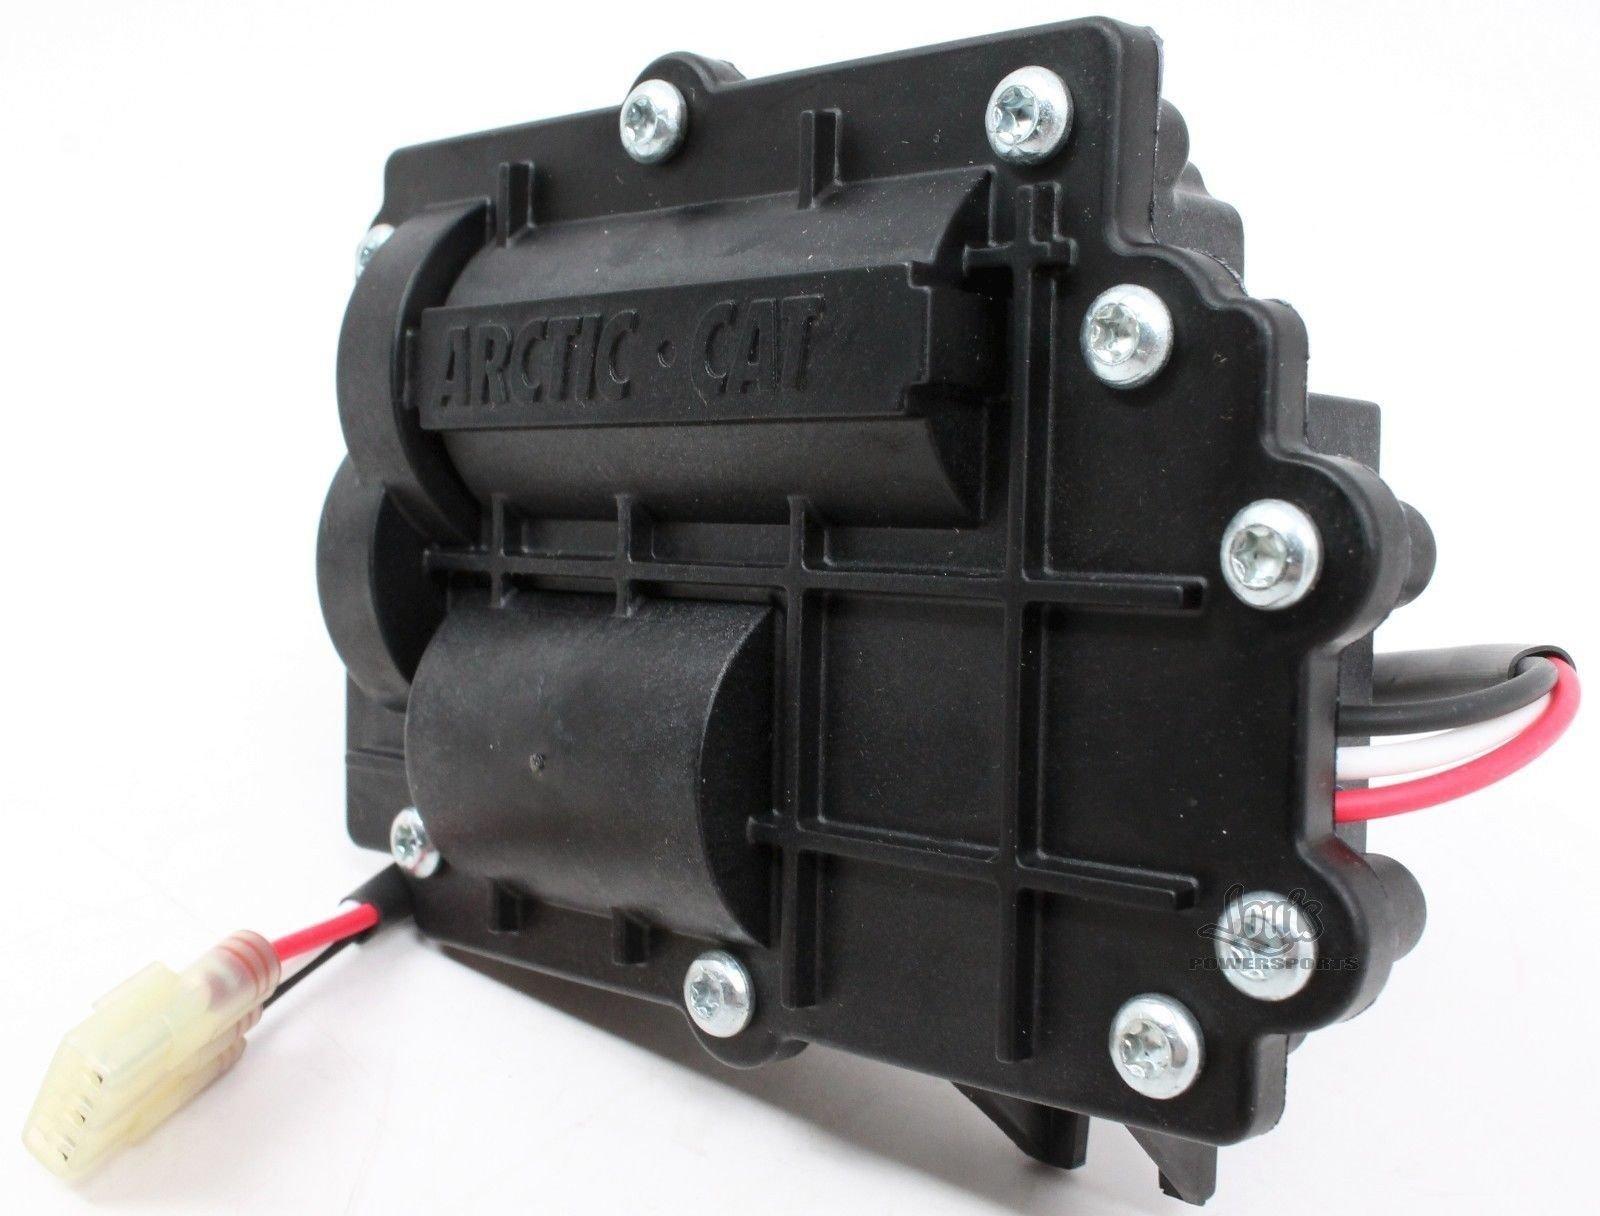 Arctic Cat OEM ATV Front Diff Actuator 04-09 366 400 500 FIS H1 4x4 0502-296